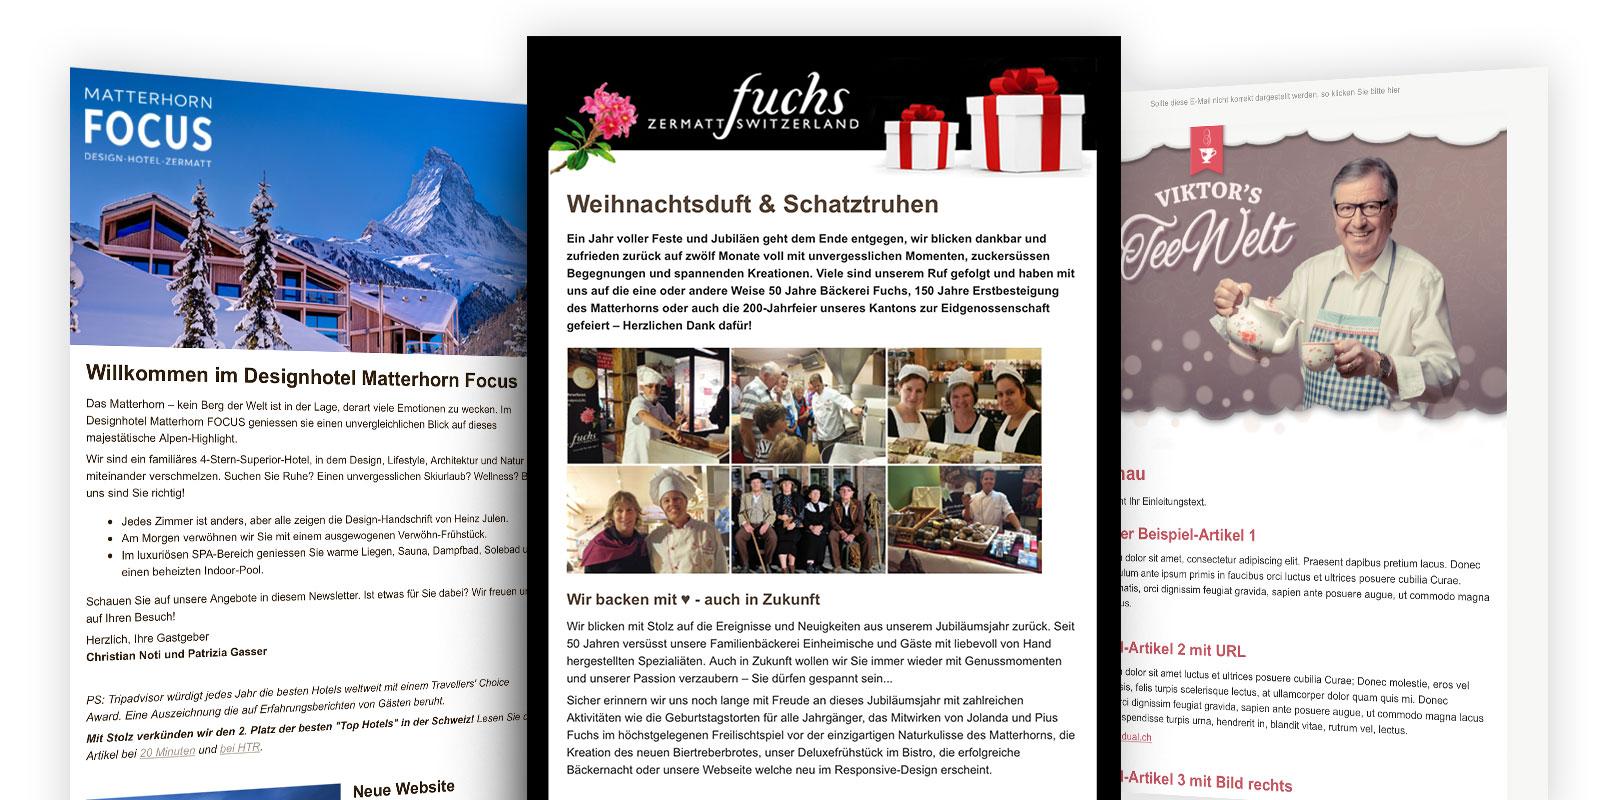 978f086c06 dodeley.com - Die professionelle Newsletter Lösung, Kostenloser E ...